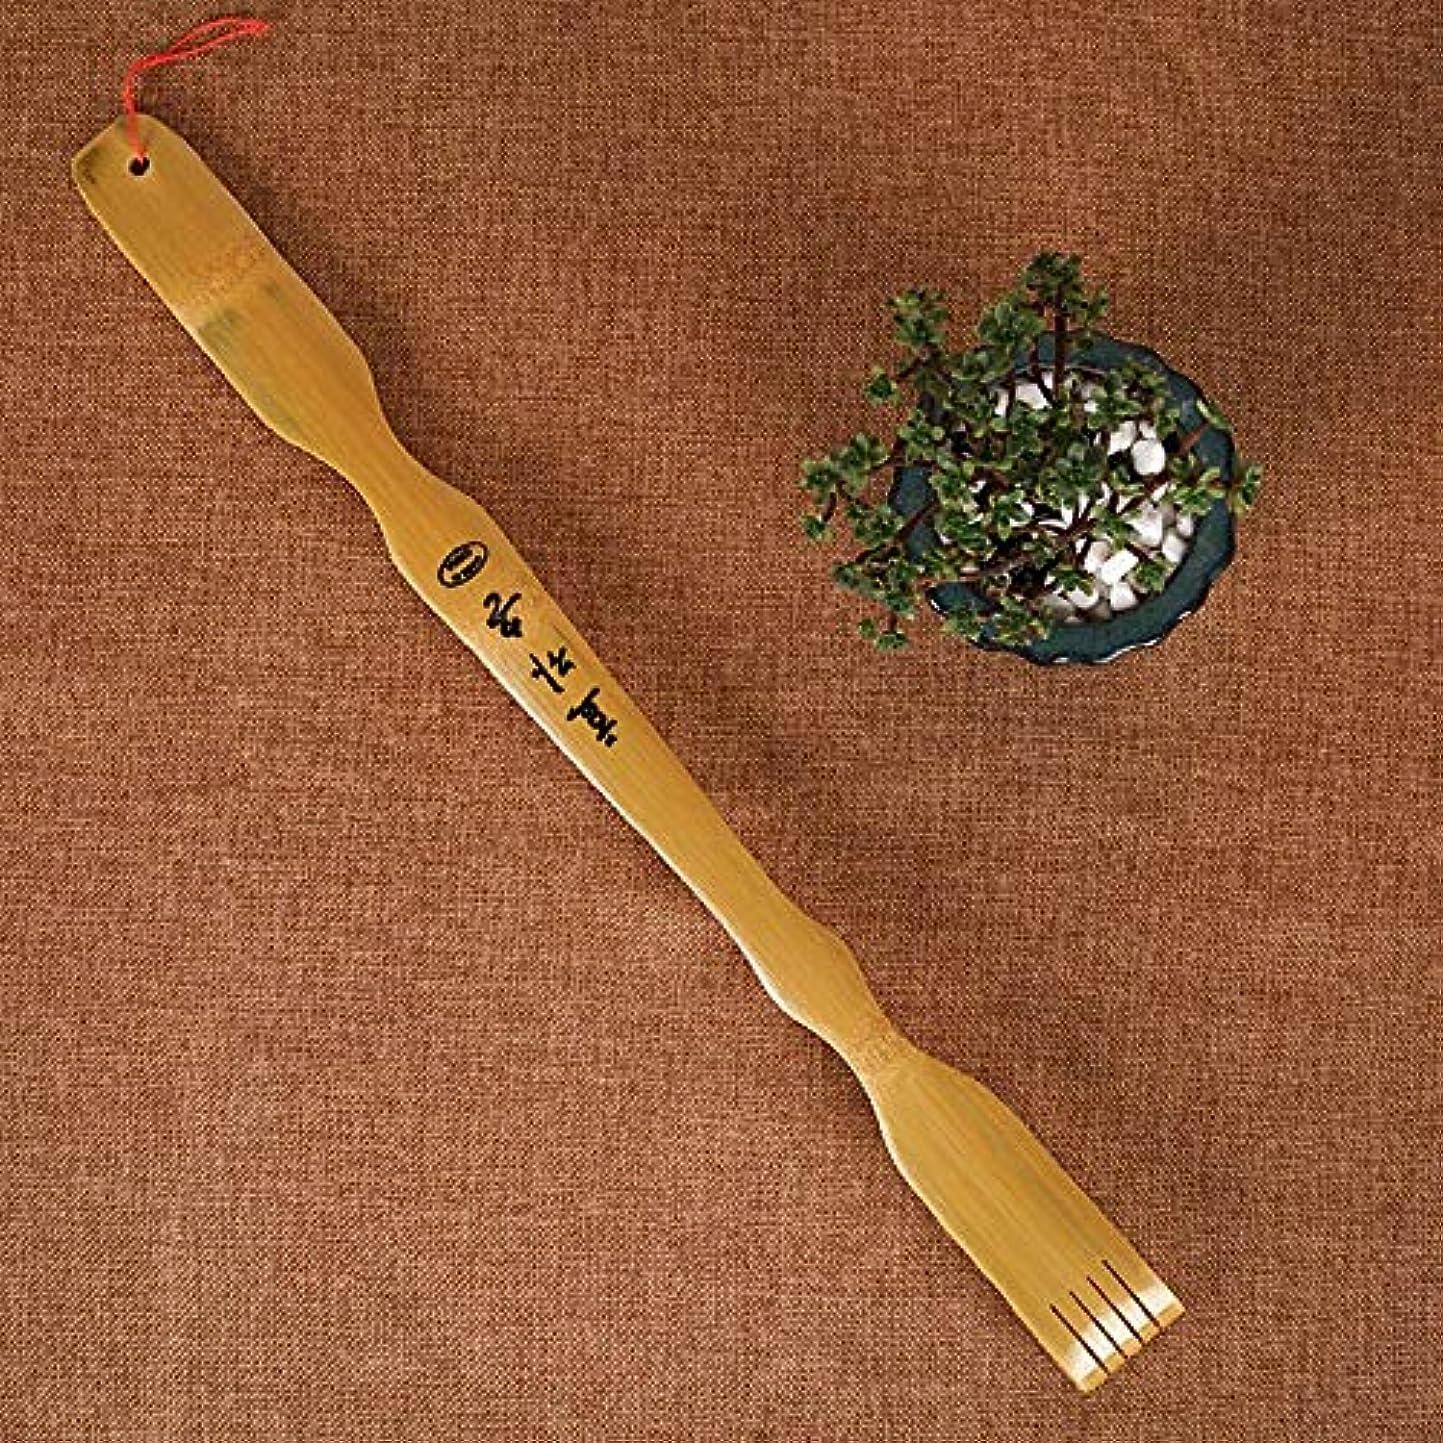 マイコン虫知るRuby背中掻きブラシ 竹製 まごのて 敬老の日 プレゼント高人気 背中かゆみを止め マッサージ用